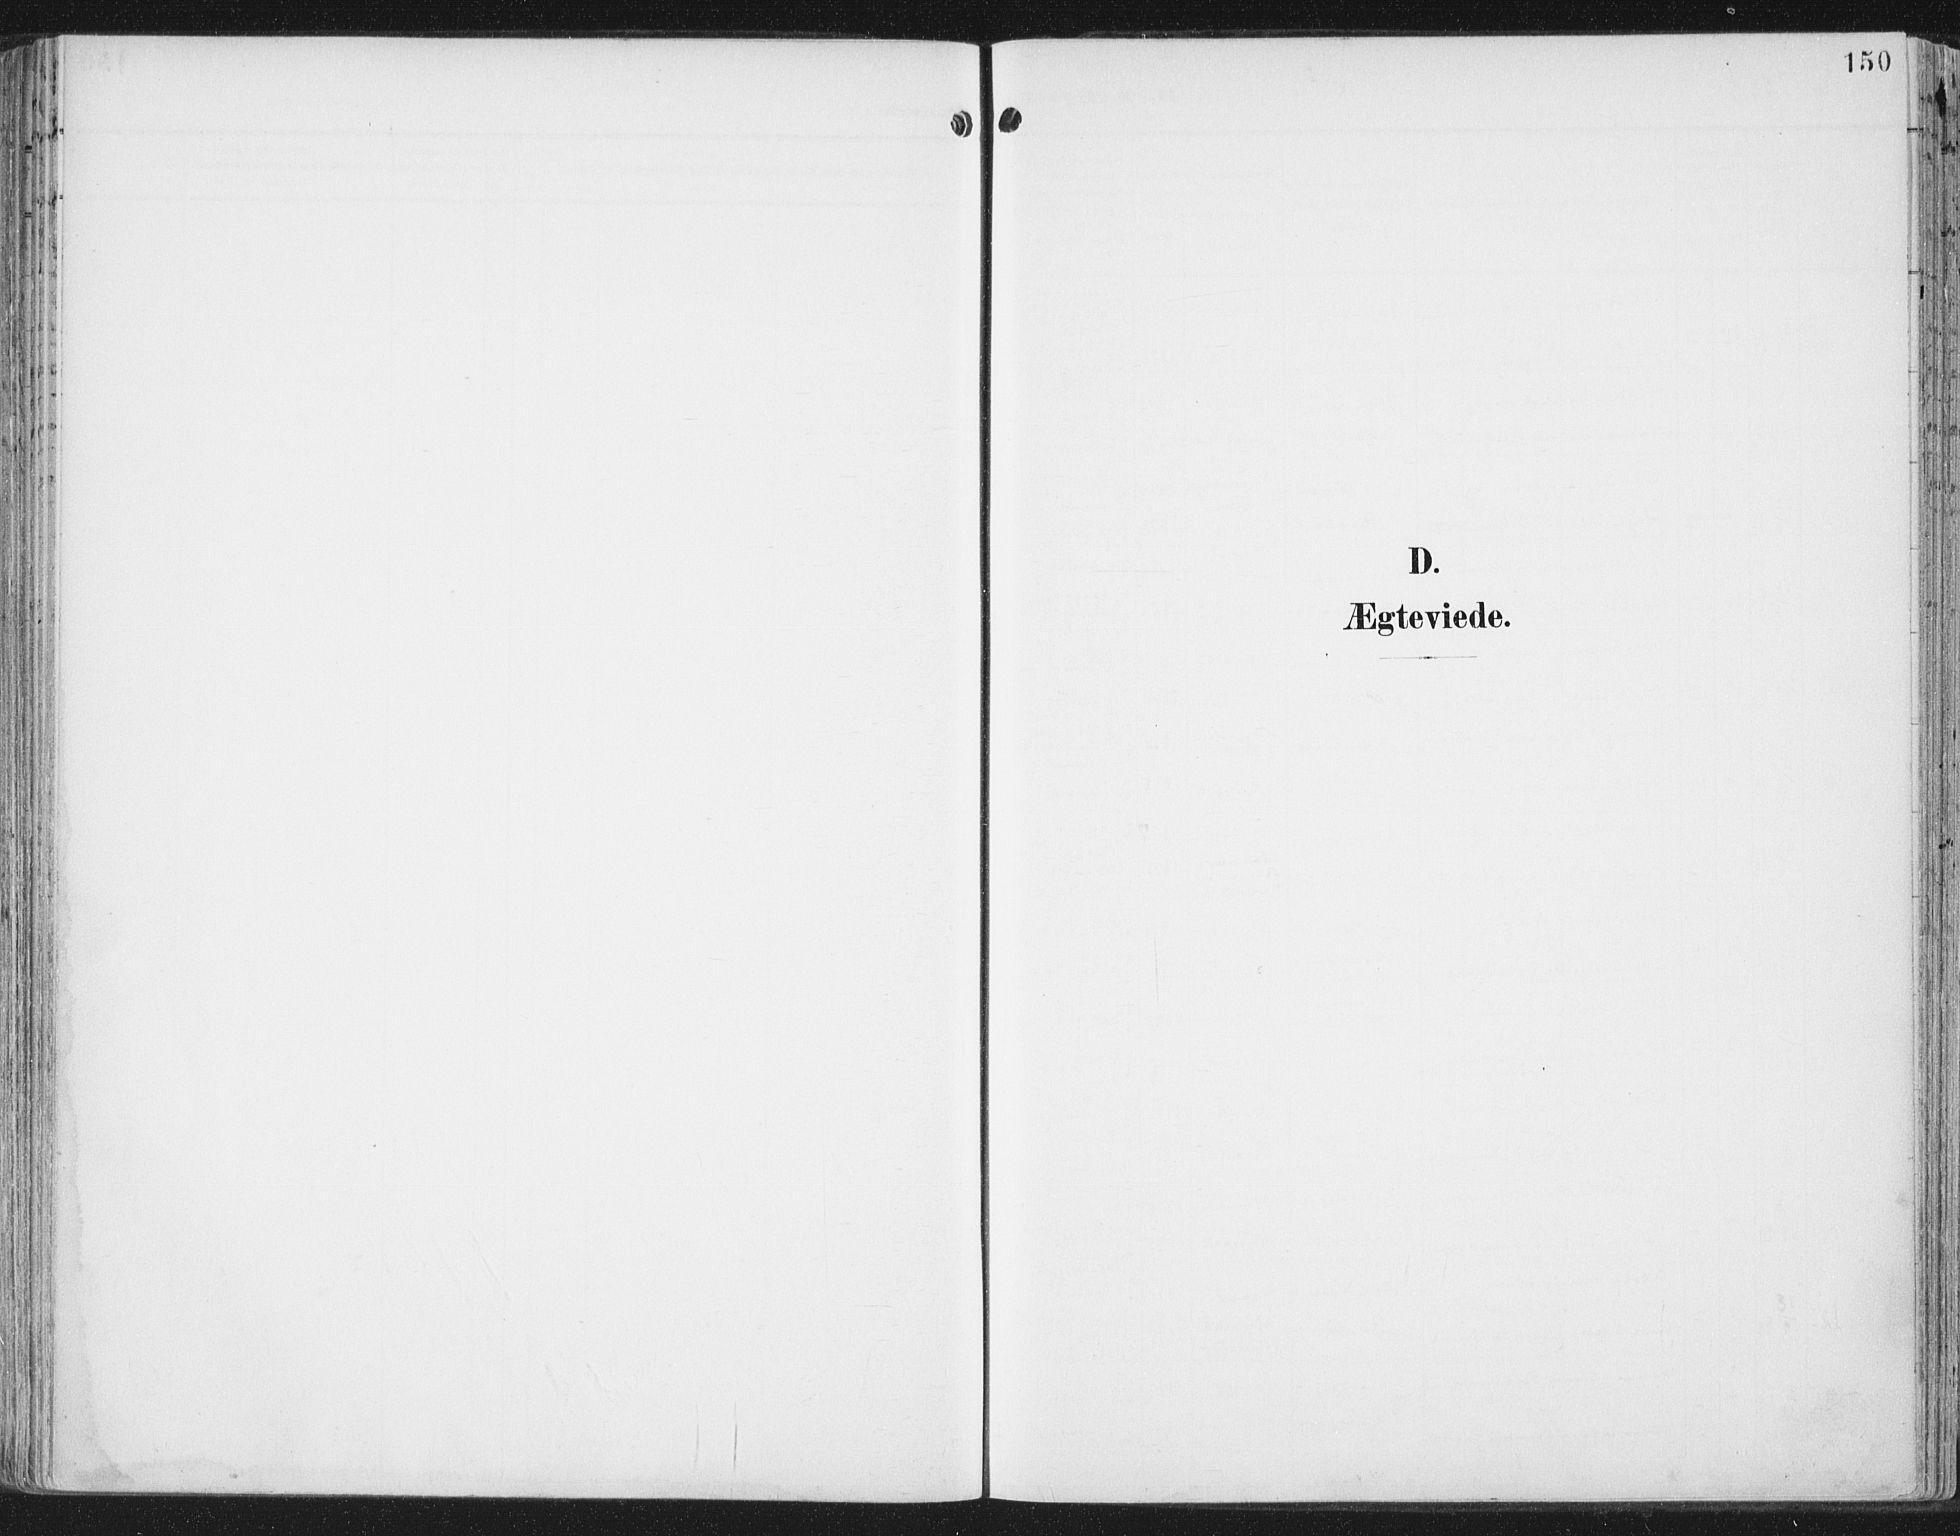 SAT, Ministerialprotokoller, klokkerbøker og fødselsregistre - Nord-Trøndelag, 786/L0688: Ministerialbok nr. 786A04, 1899-1912, s. 150